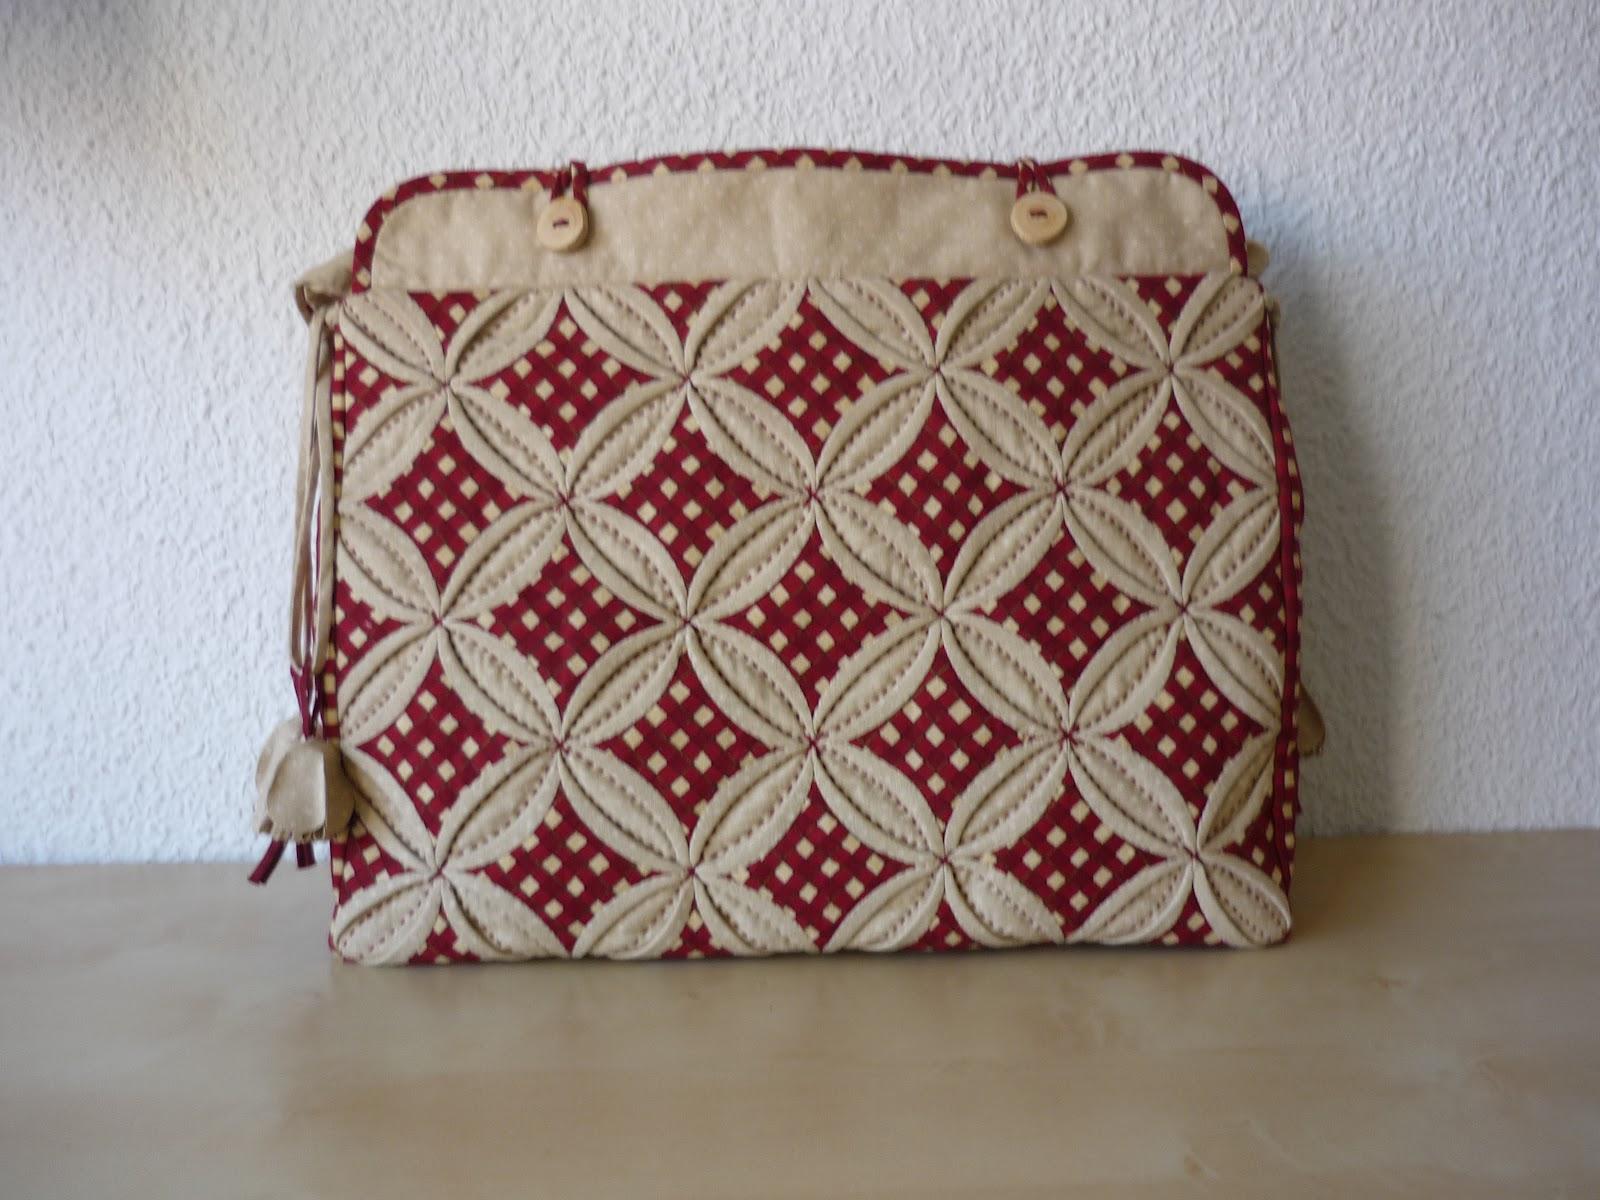 Coser y coser patchwork bolso nuevo y de color rojo - Como hacer pachwork ...